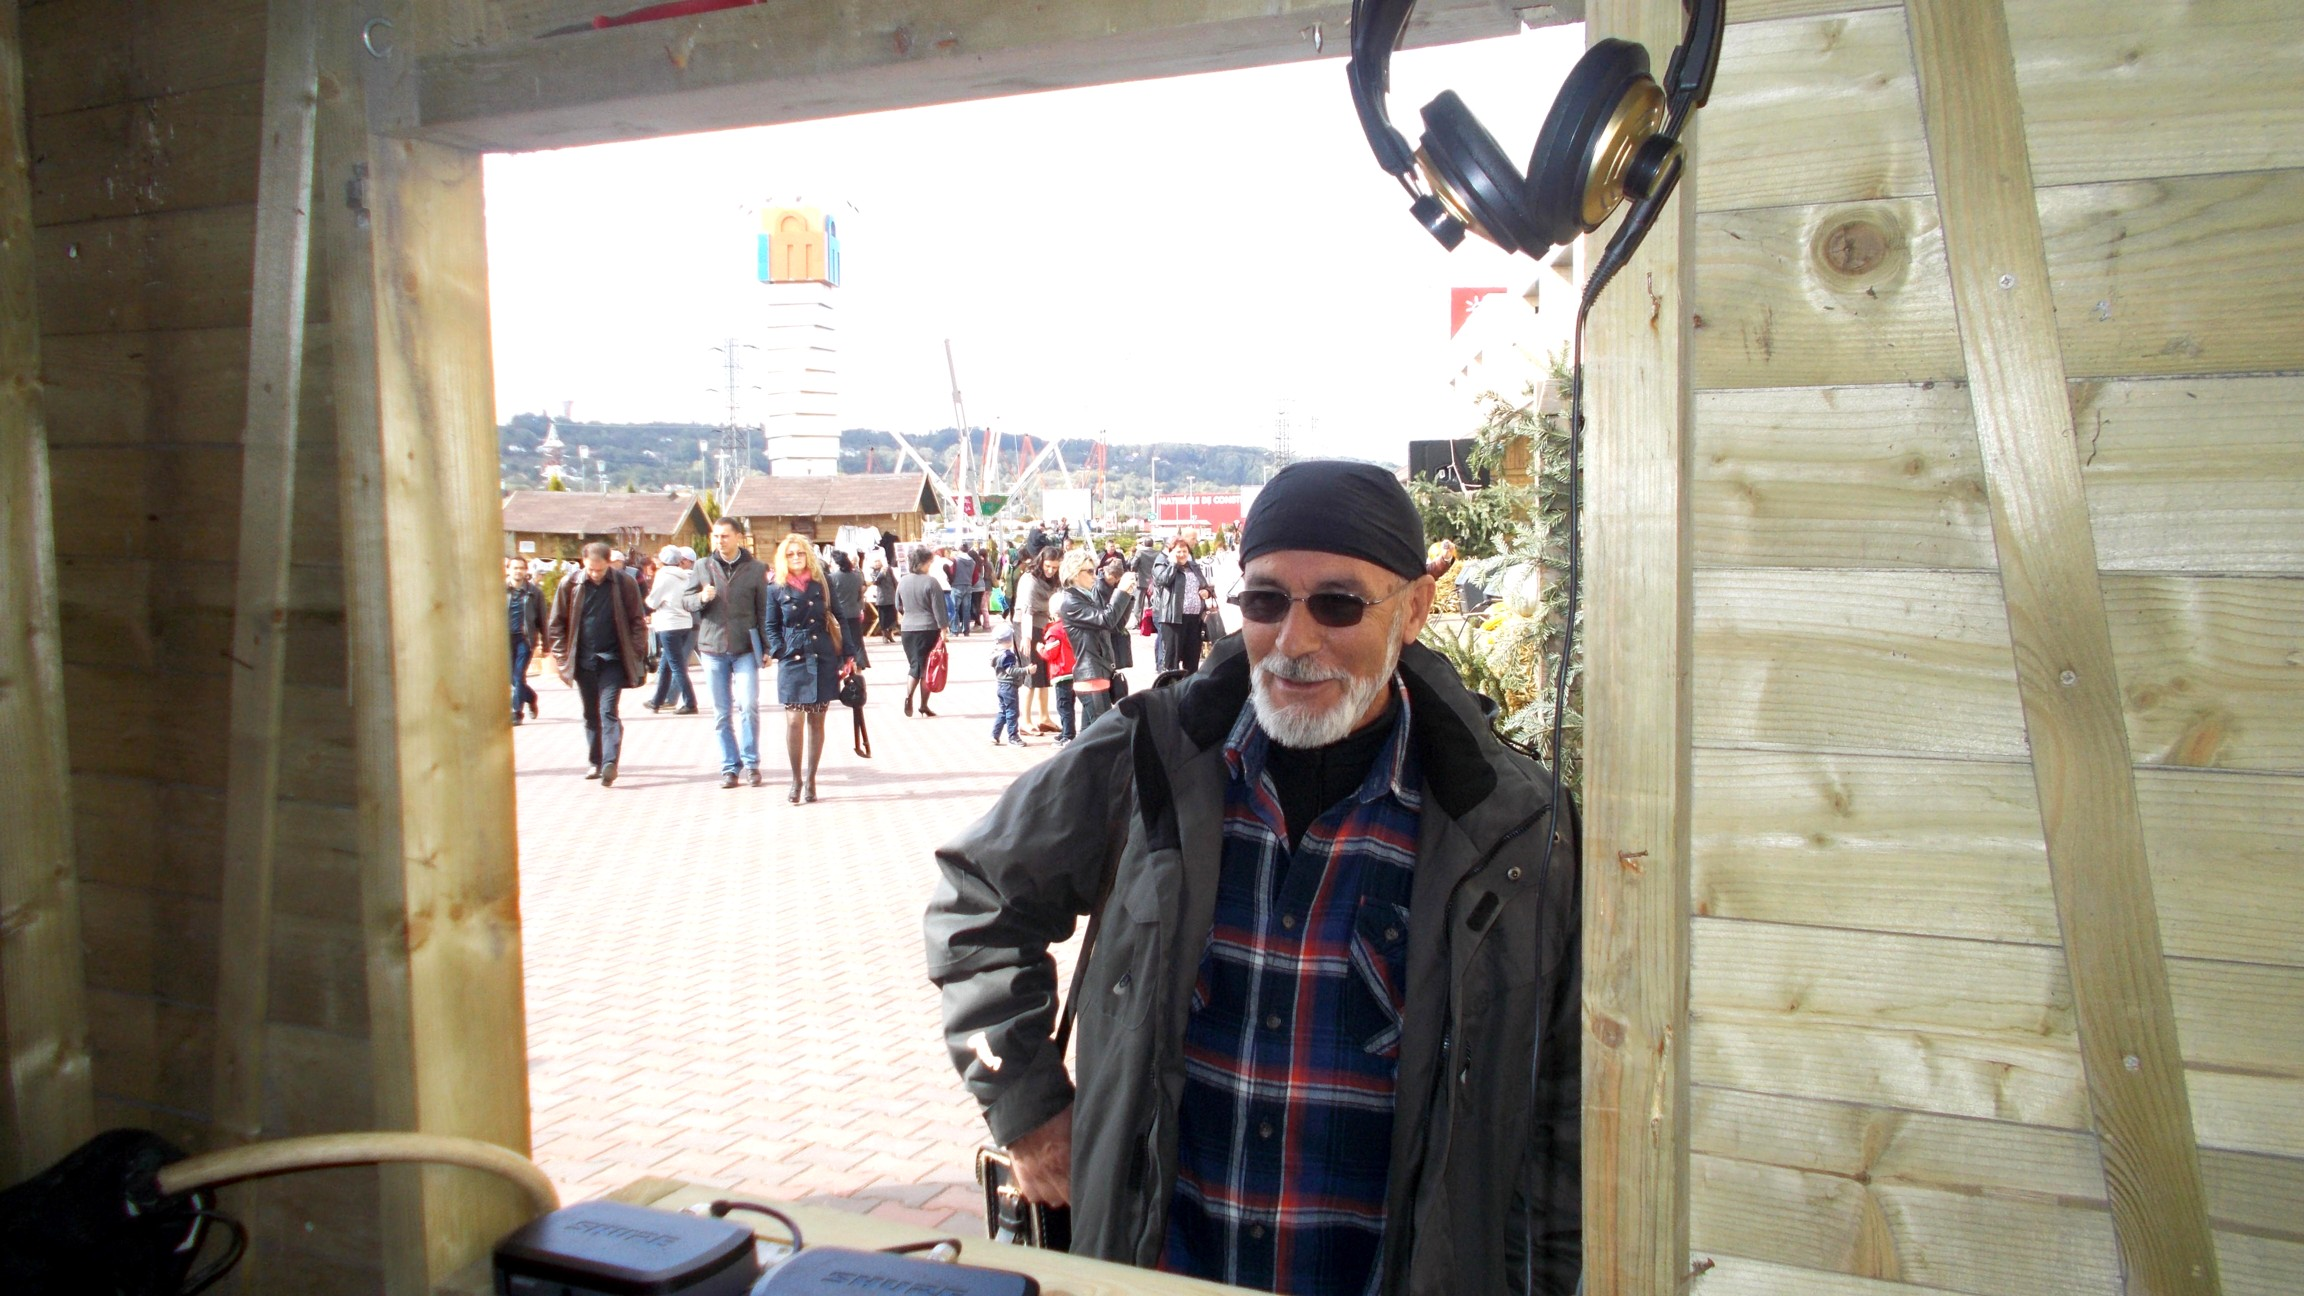 Domnul director Victor Rusu, înfăţişându-se la fereastra poporului produs în bucovina